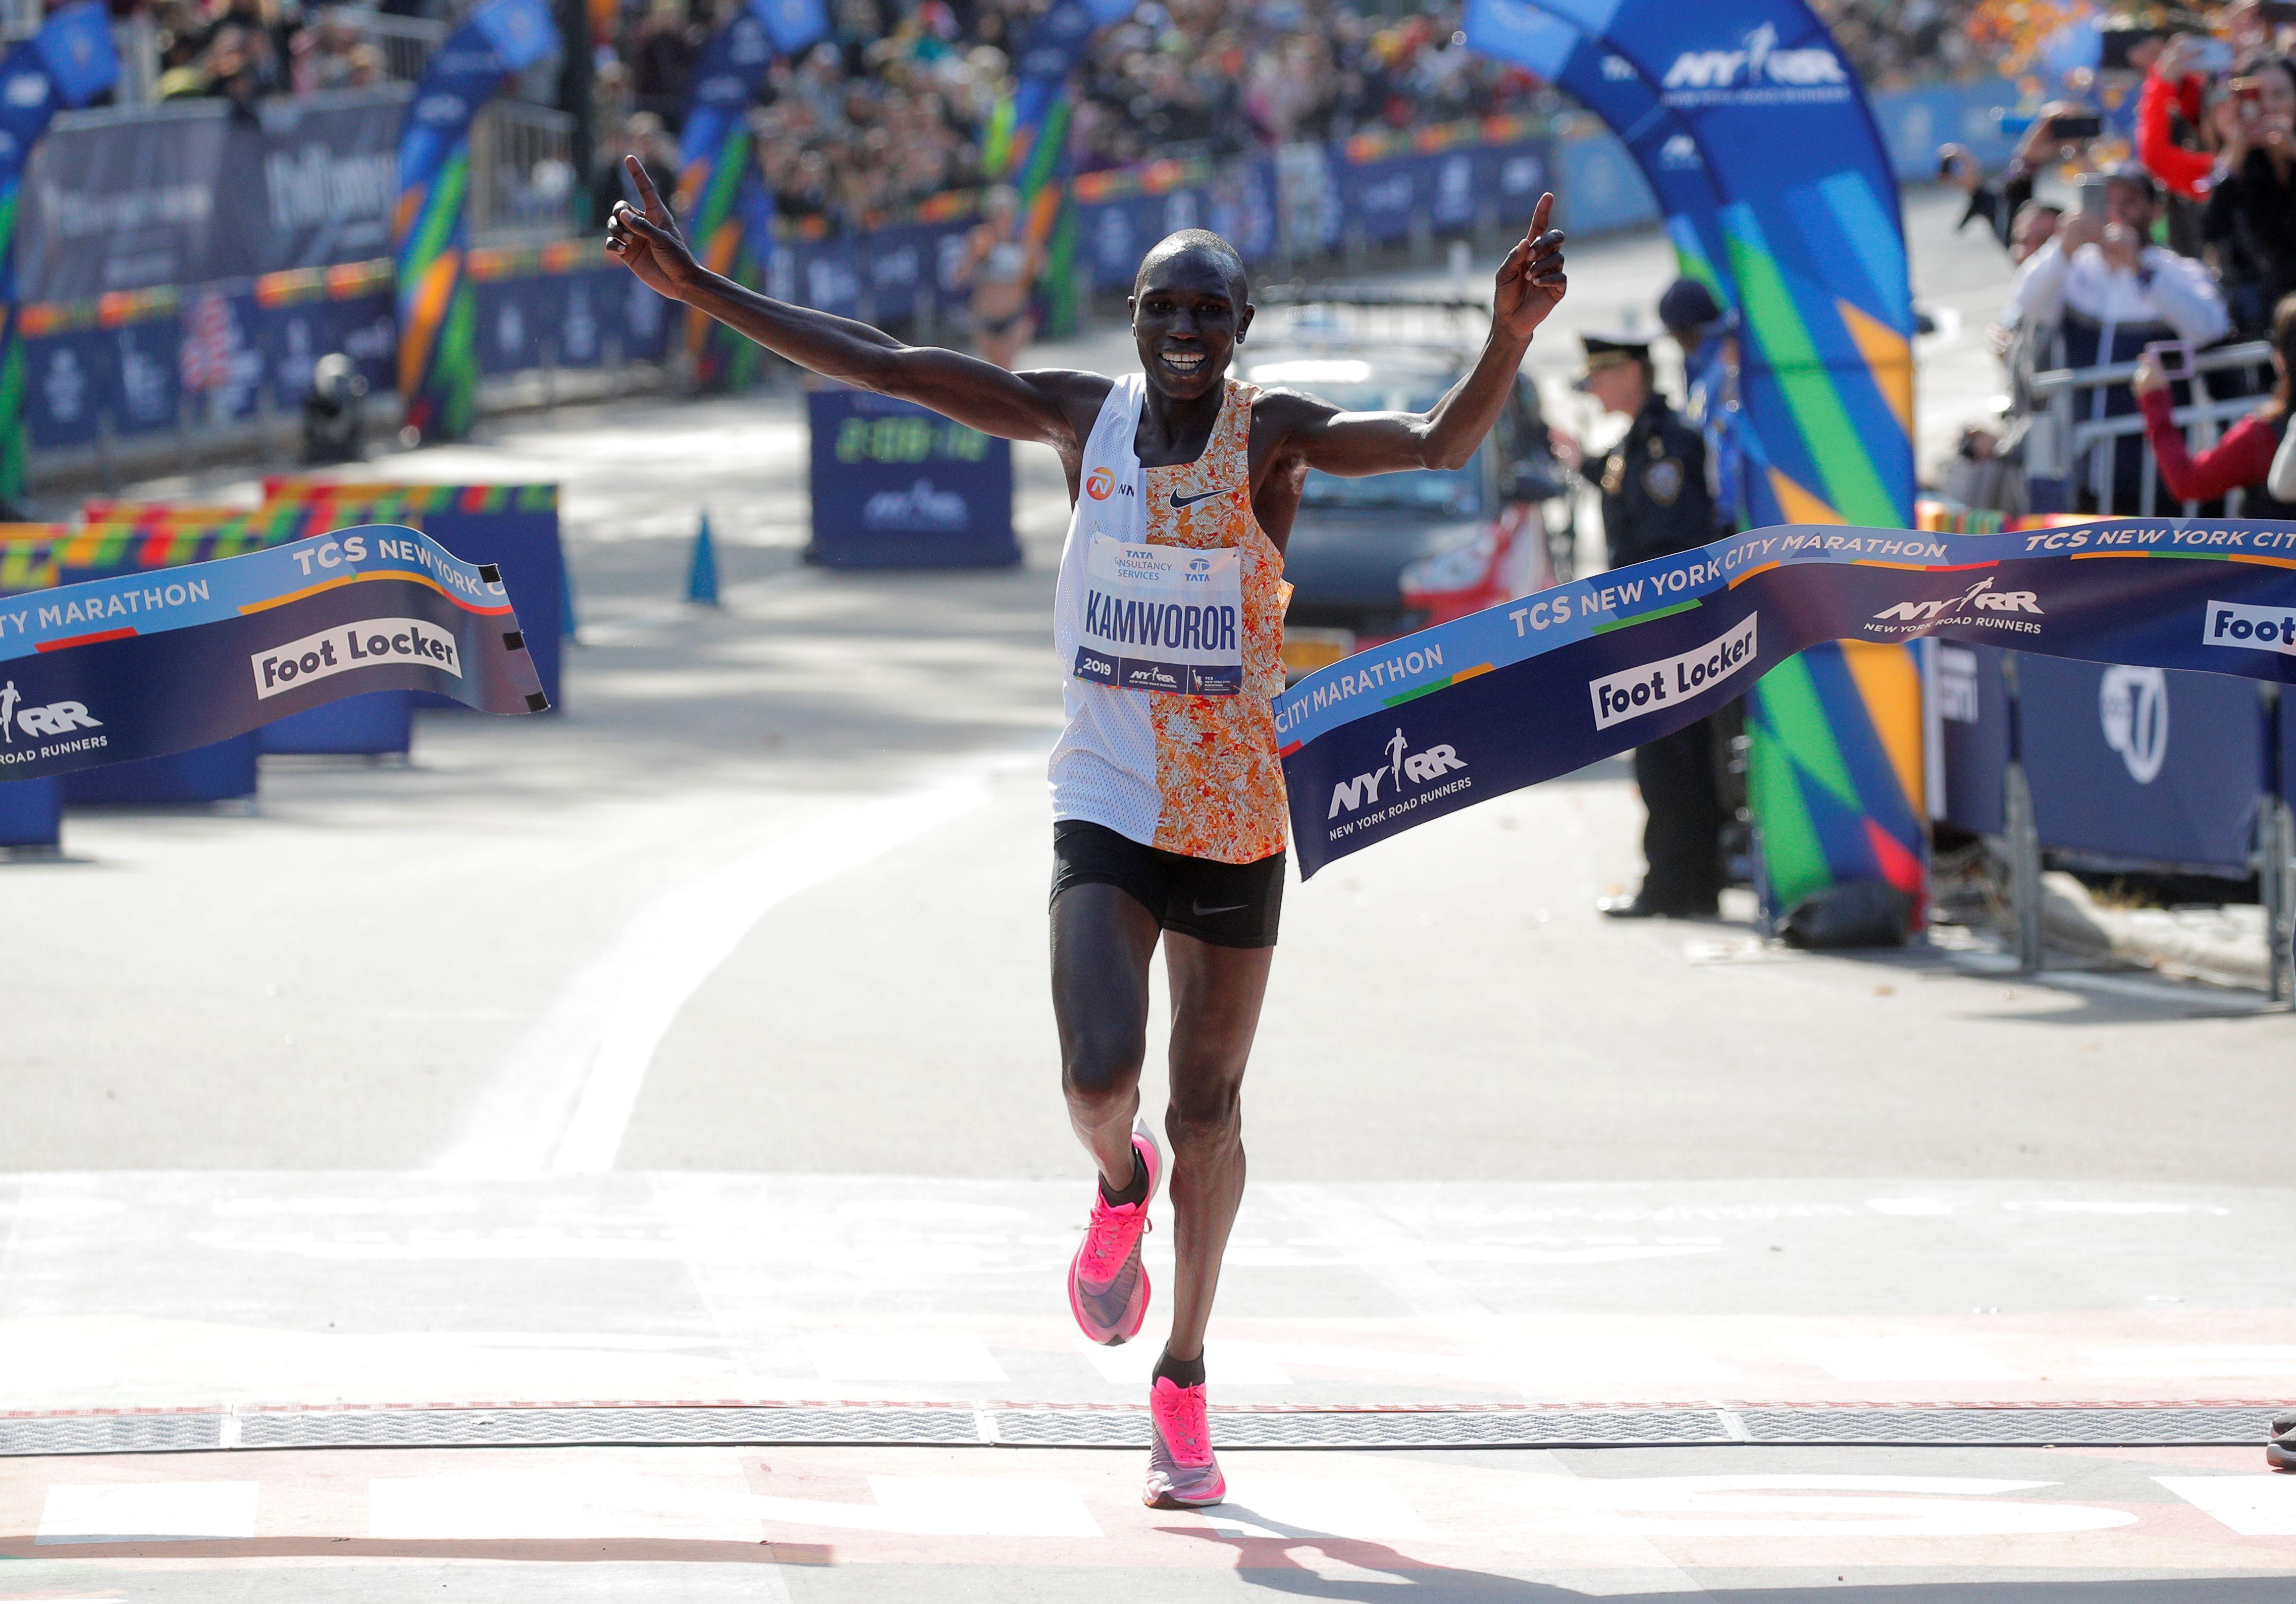 El momento en el que Geoffrey Kamworor cruza la meta (Reuters)